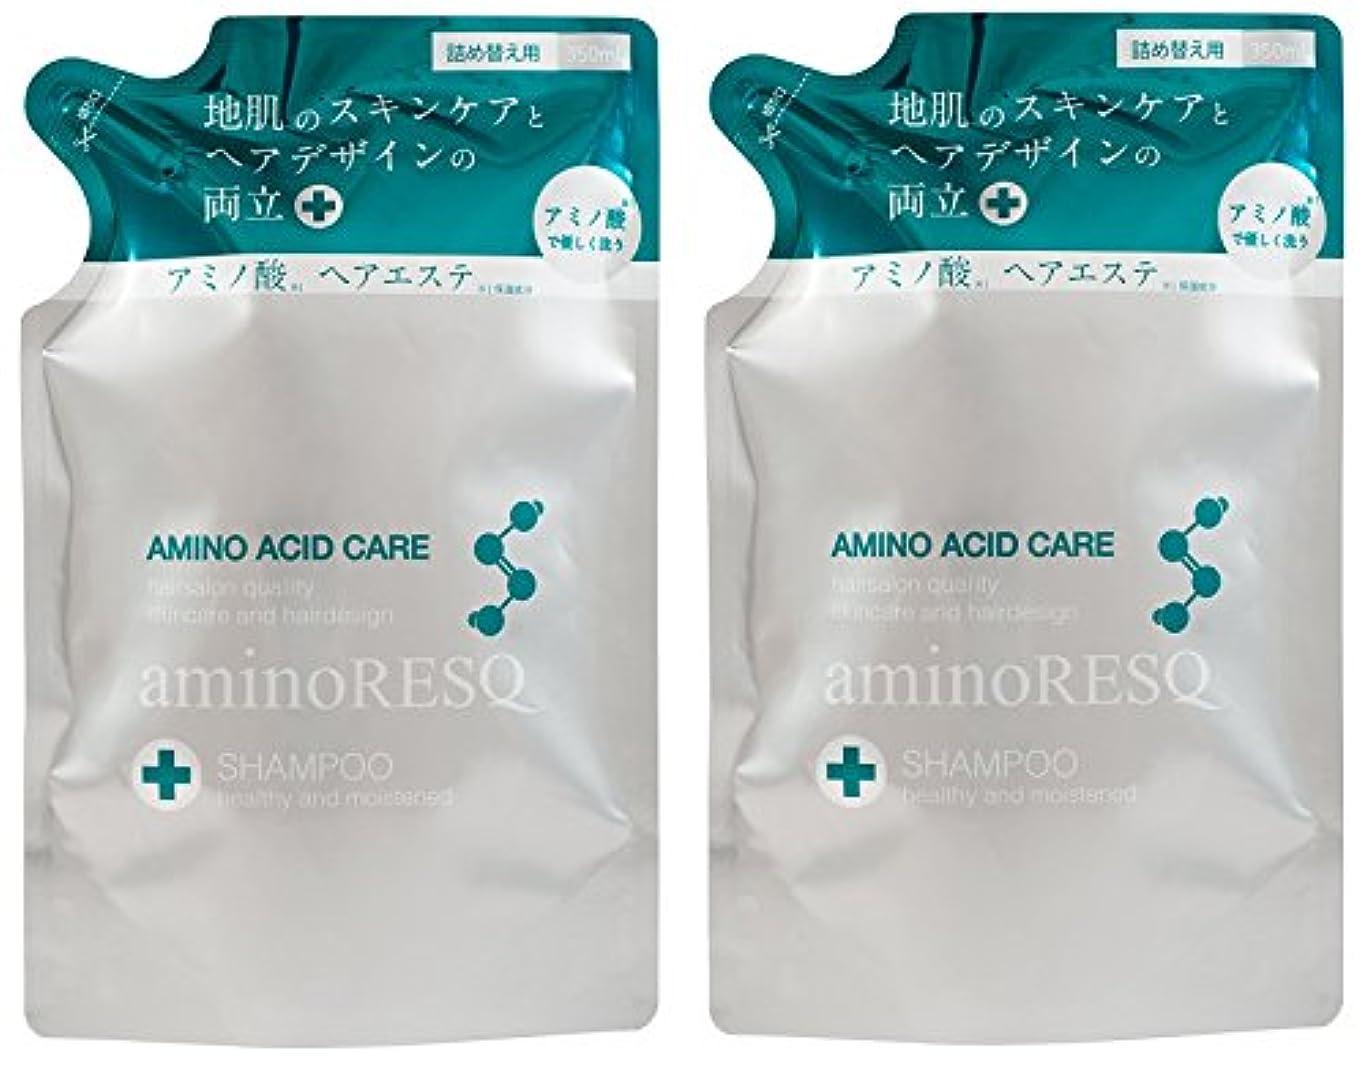 検査官人工的な寓話【2個セット】aminoRESQ アミノレスキュー シャンプー詰替